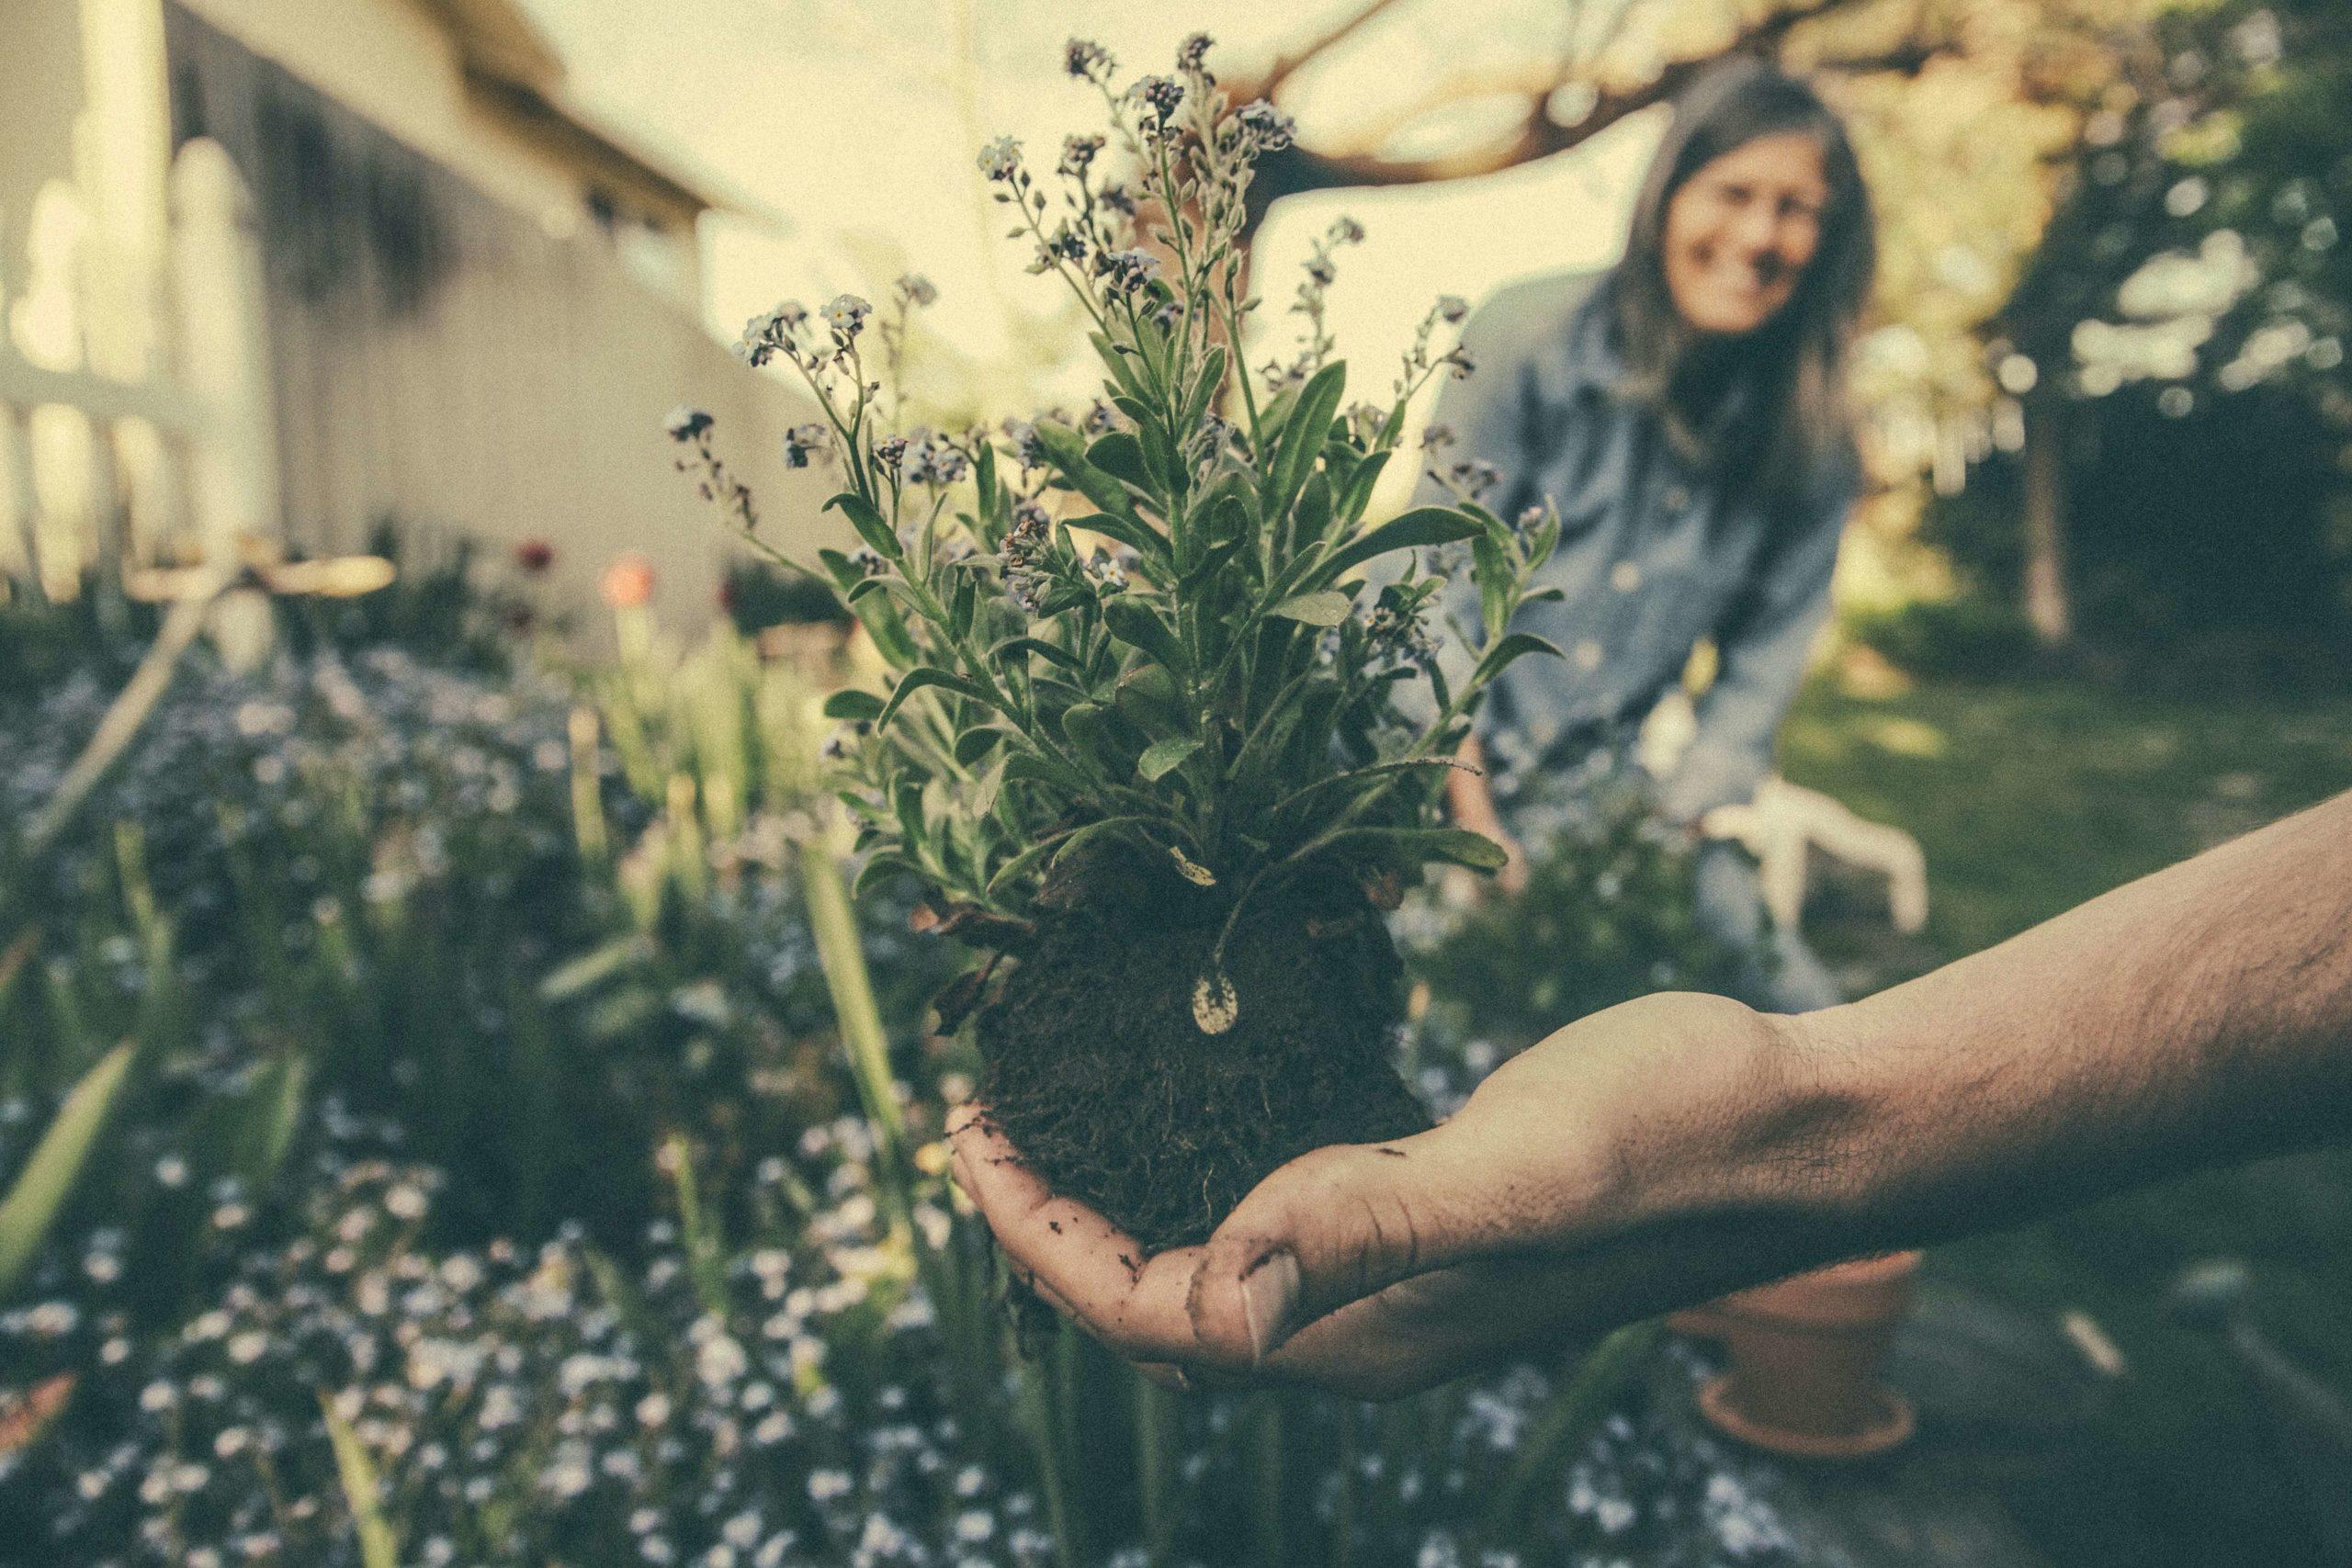 Pflanzen und Hand